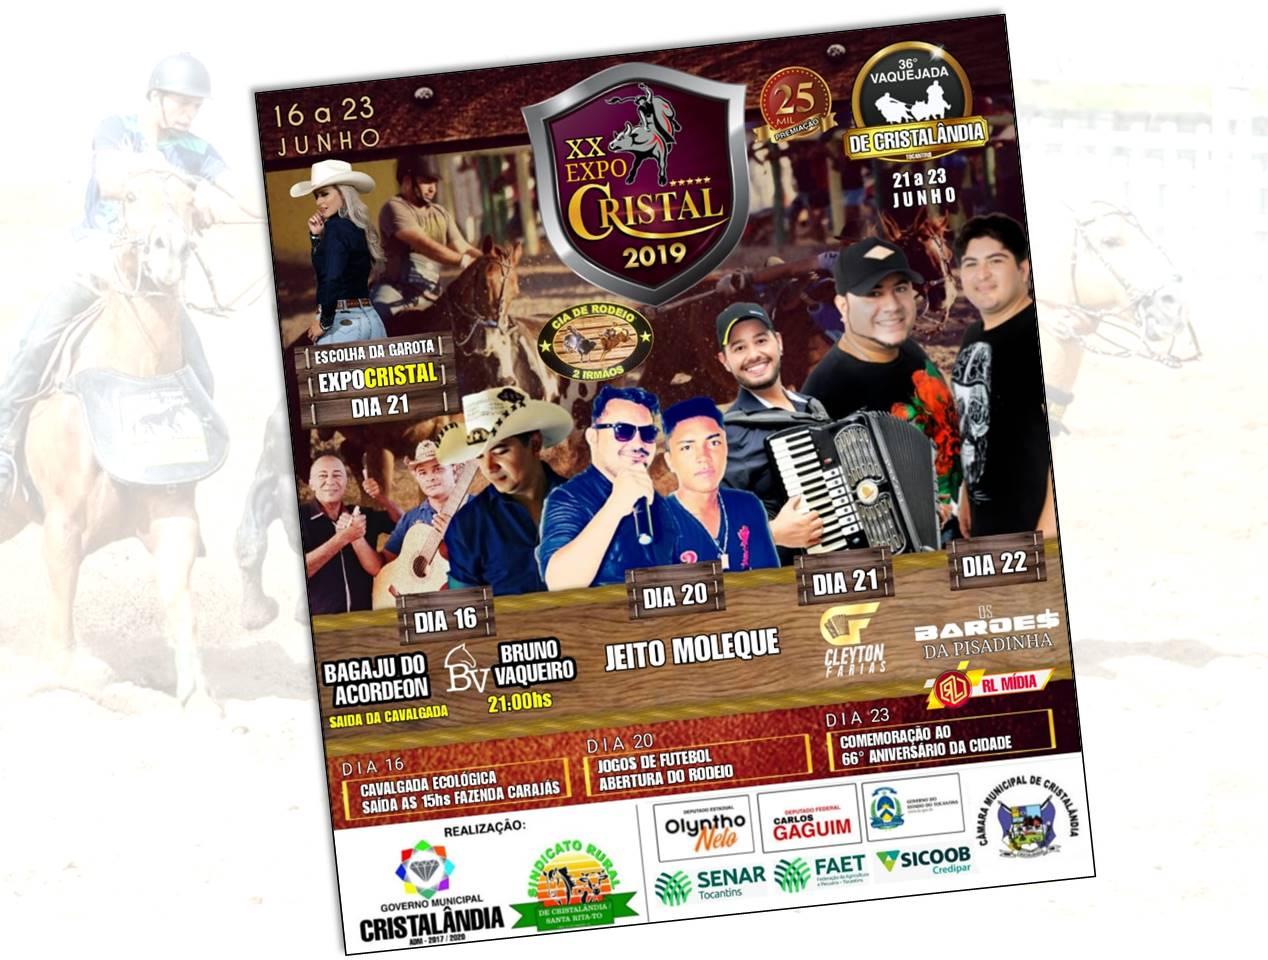 20ª ExpoCristal acontece de 16 a 23 de junho em Cristalândia